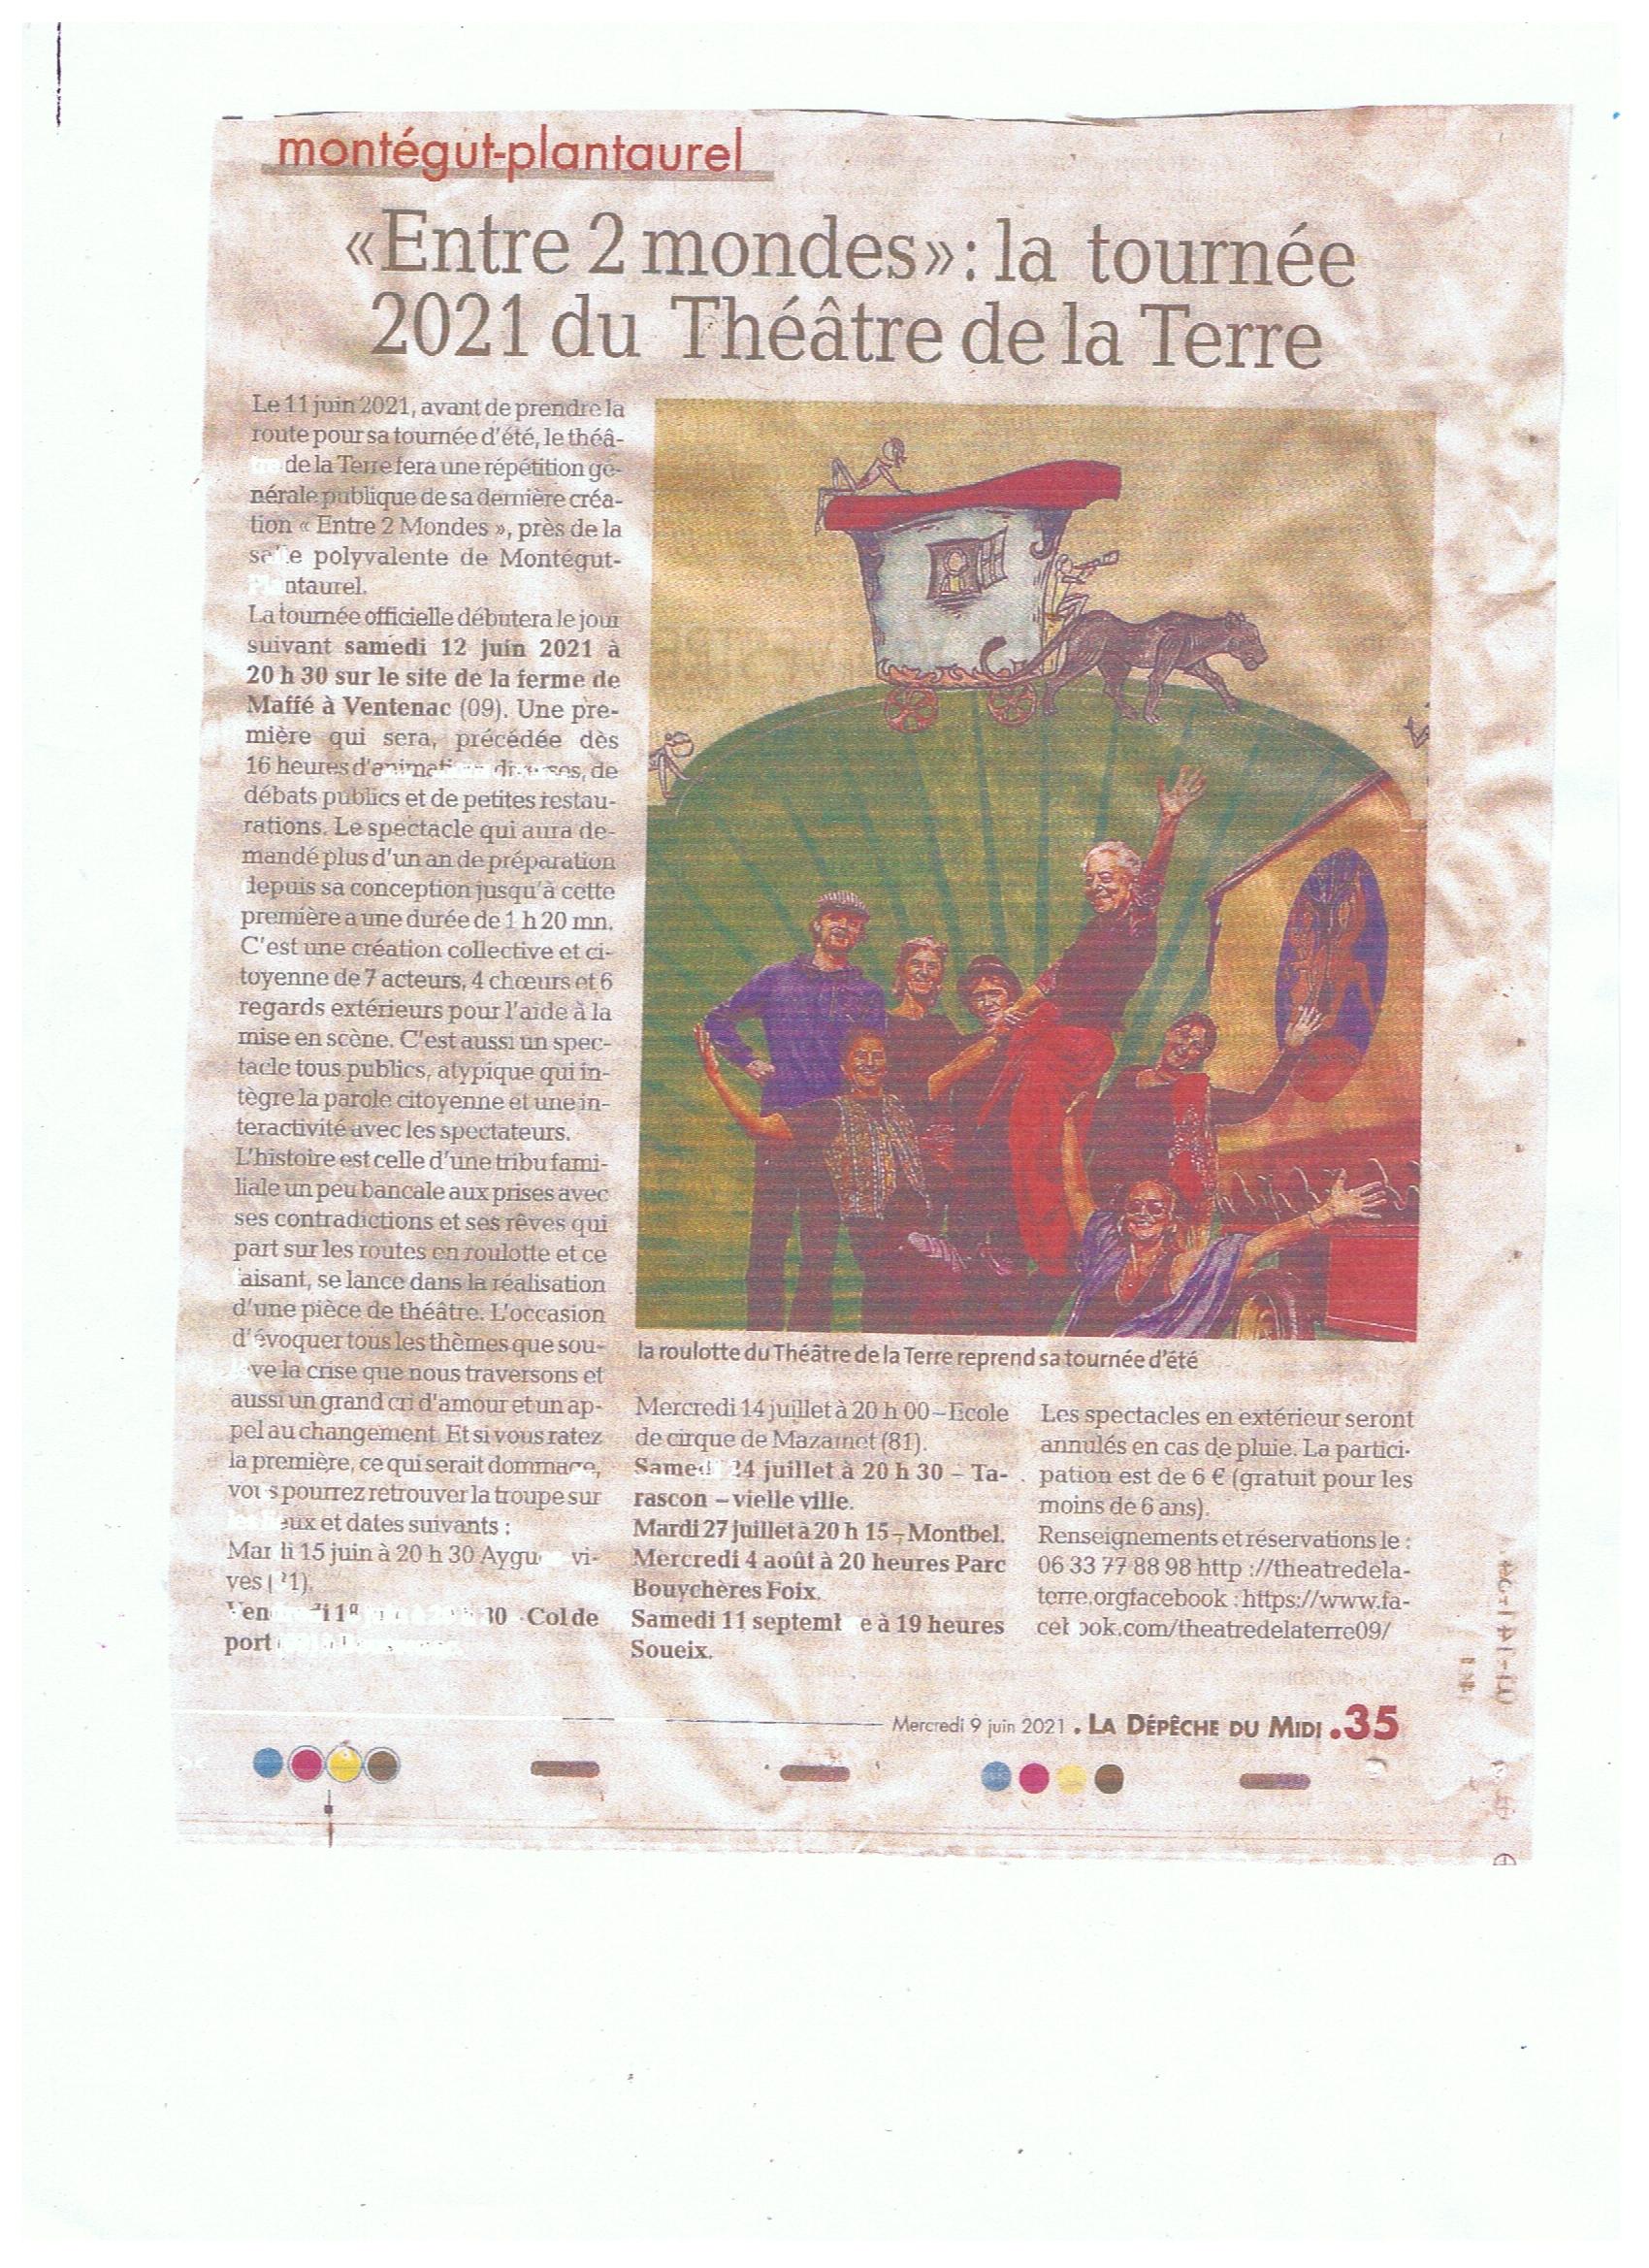 entre 2 monde - avant première montégut-plantaurel - roulott'spectacles- ariège - theatre de la terre